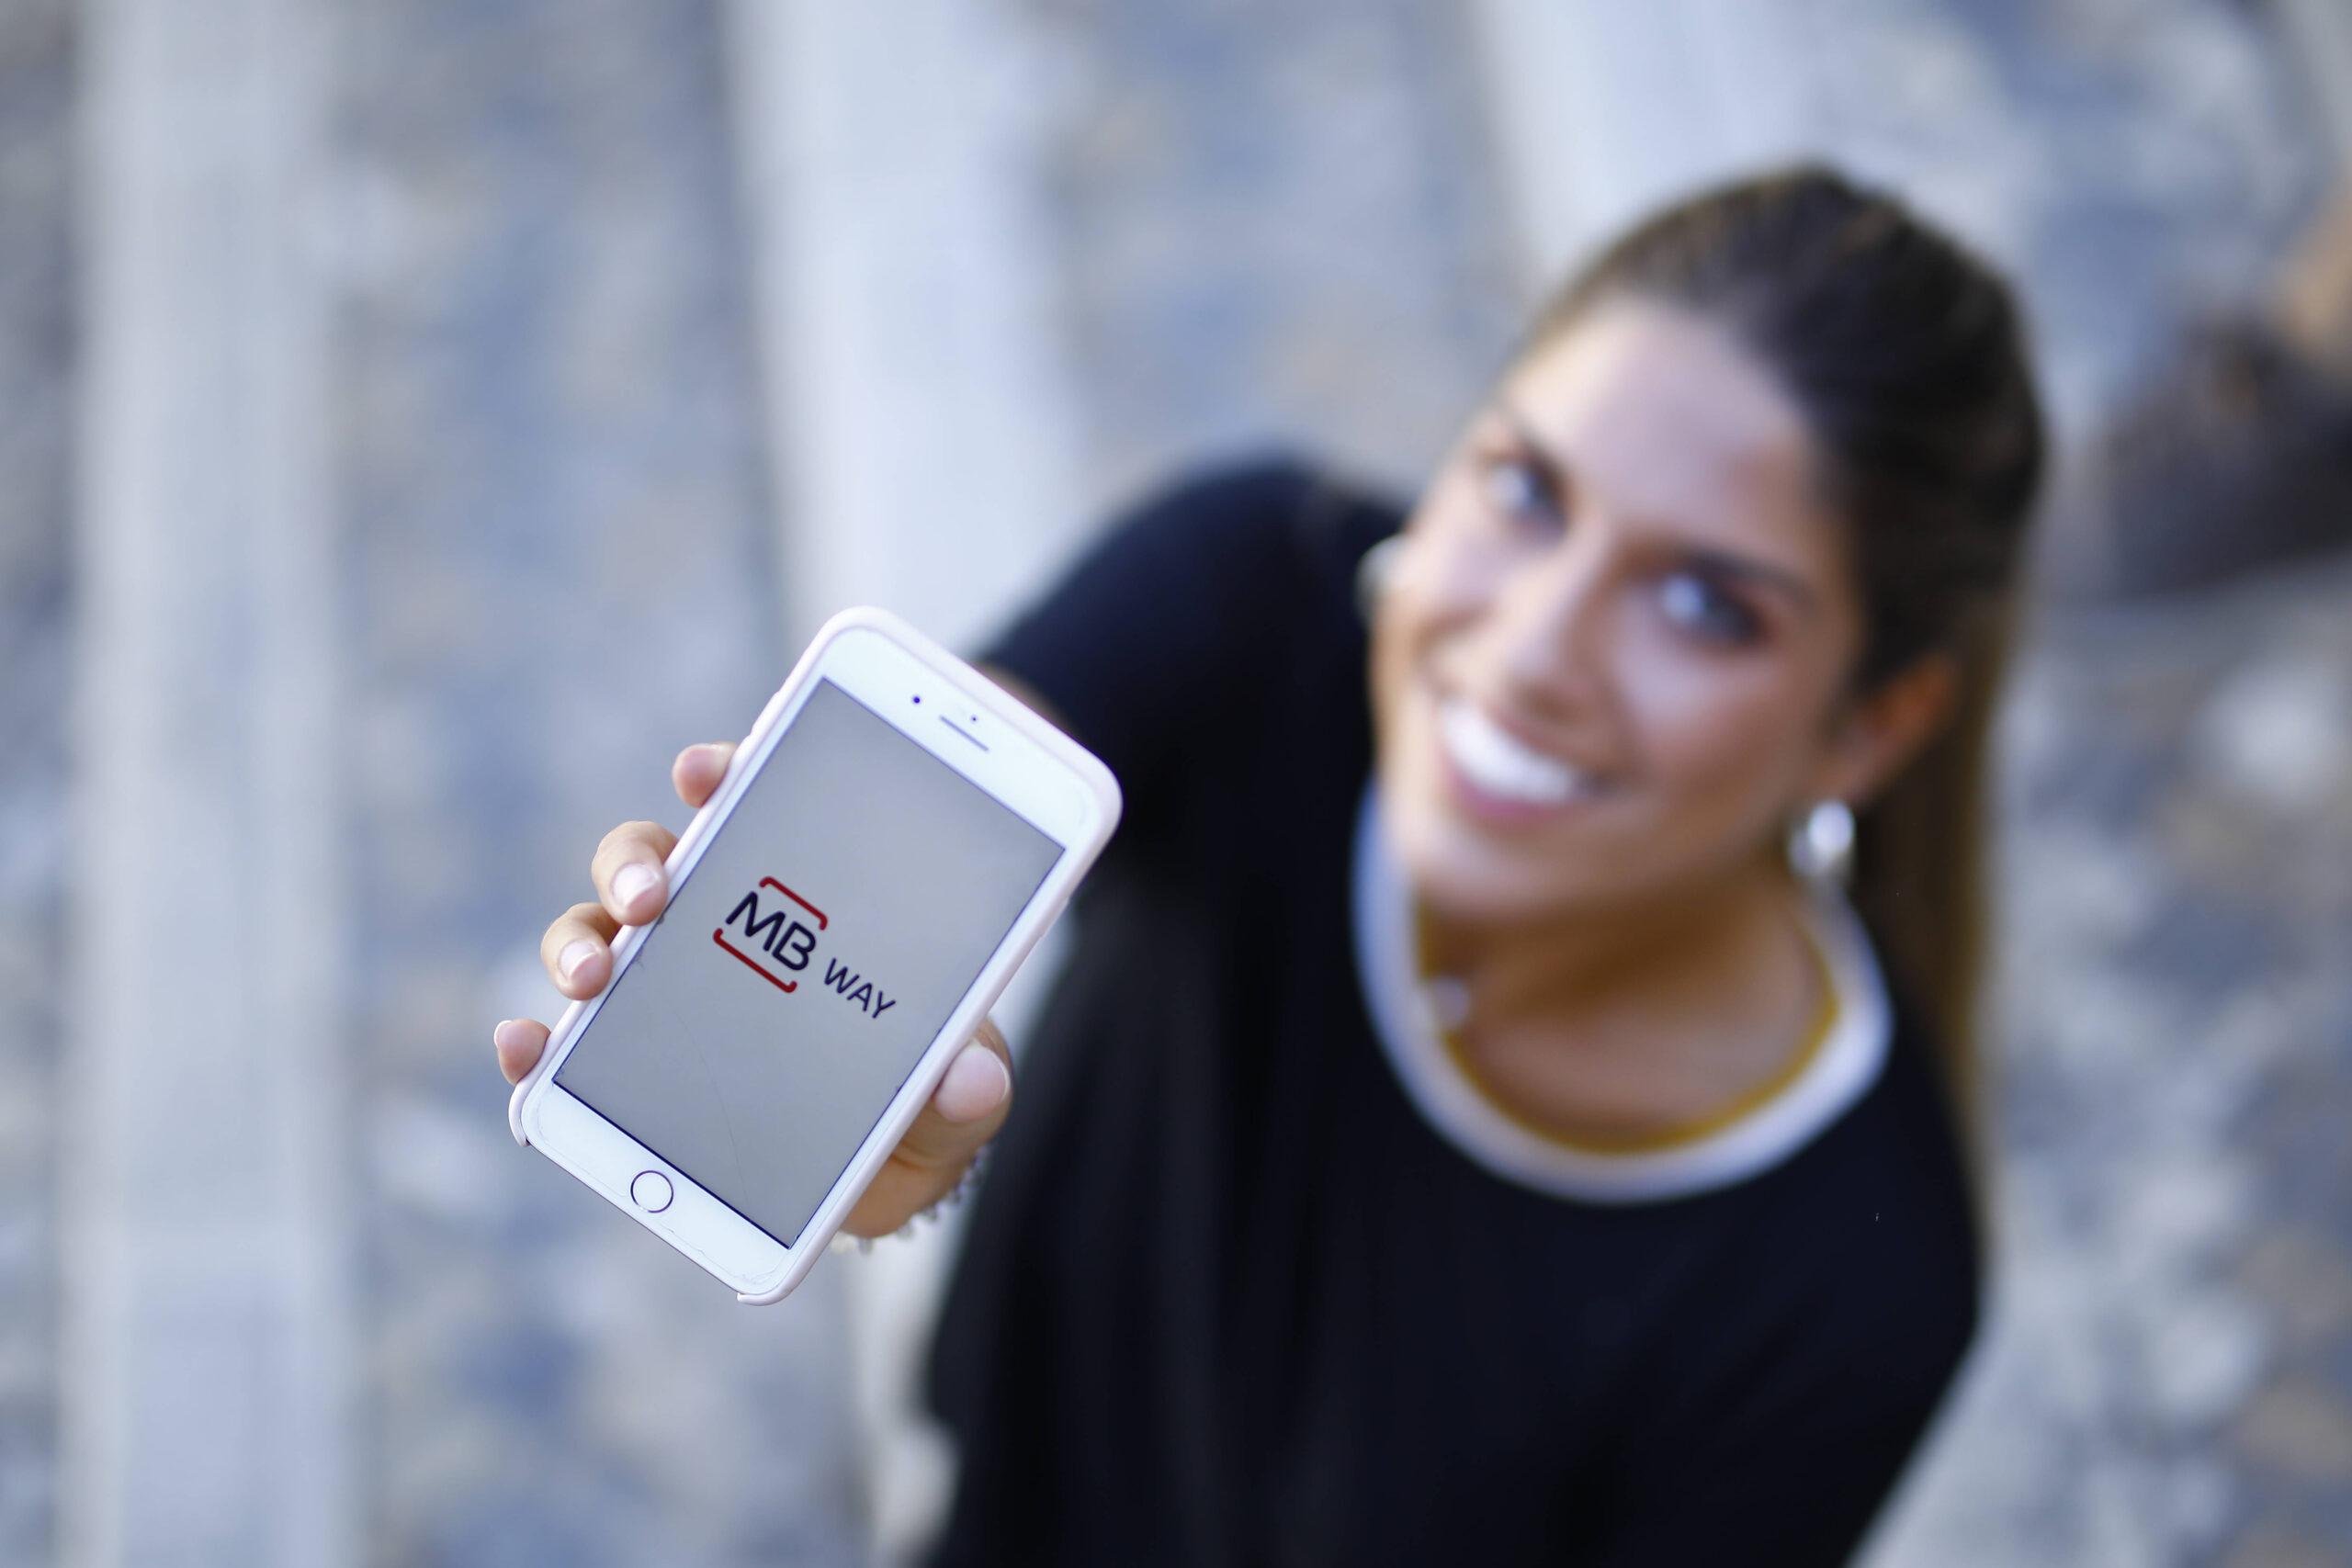 Novidades na app MB WAY: Pedir e dividir dinheiro!